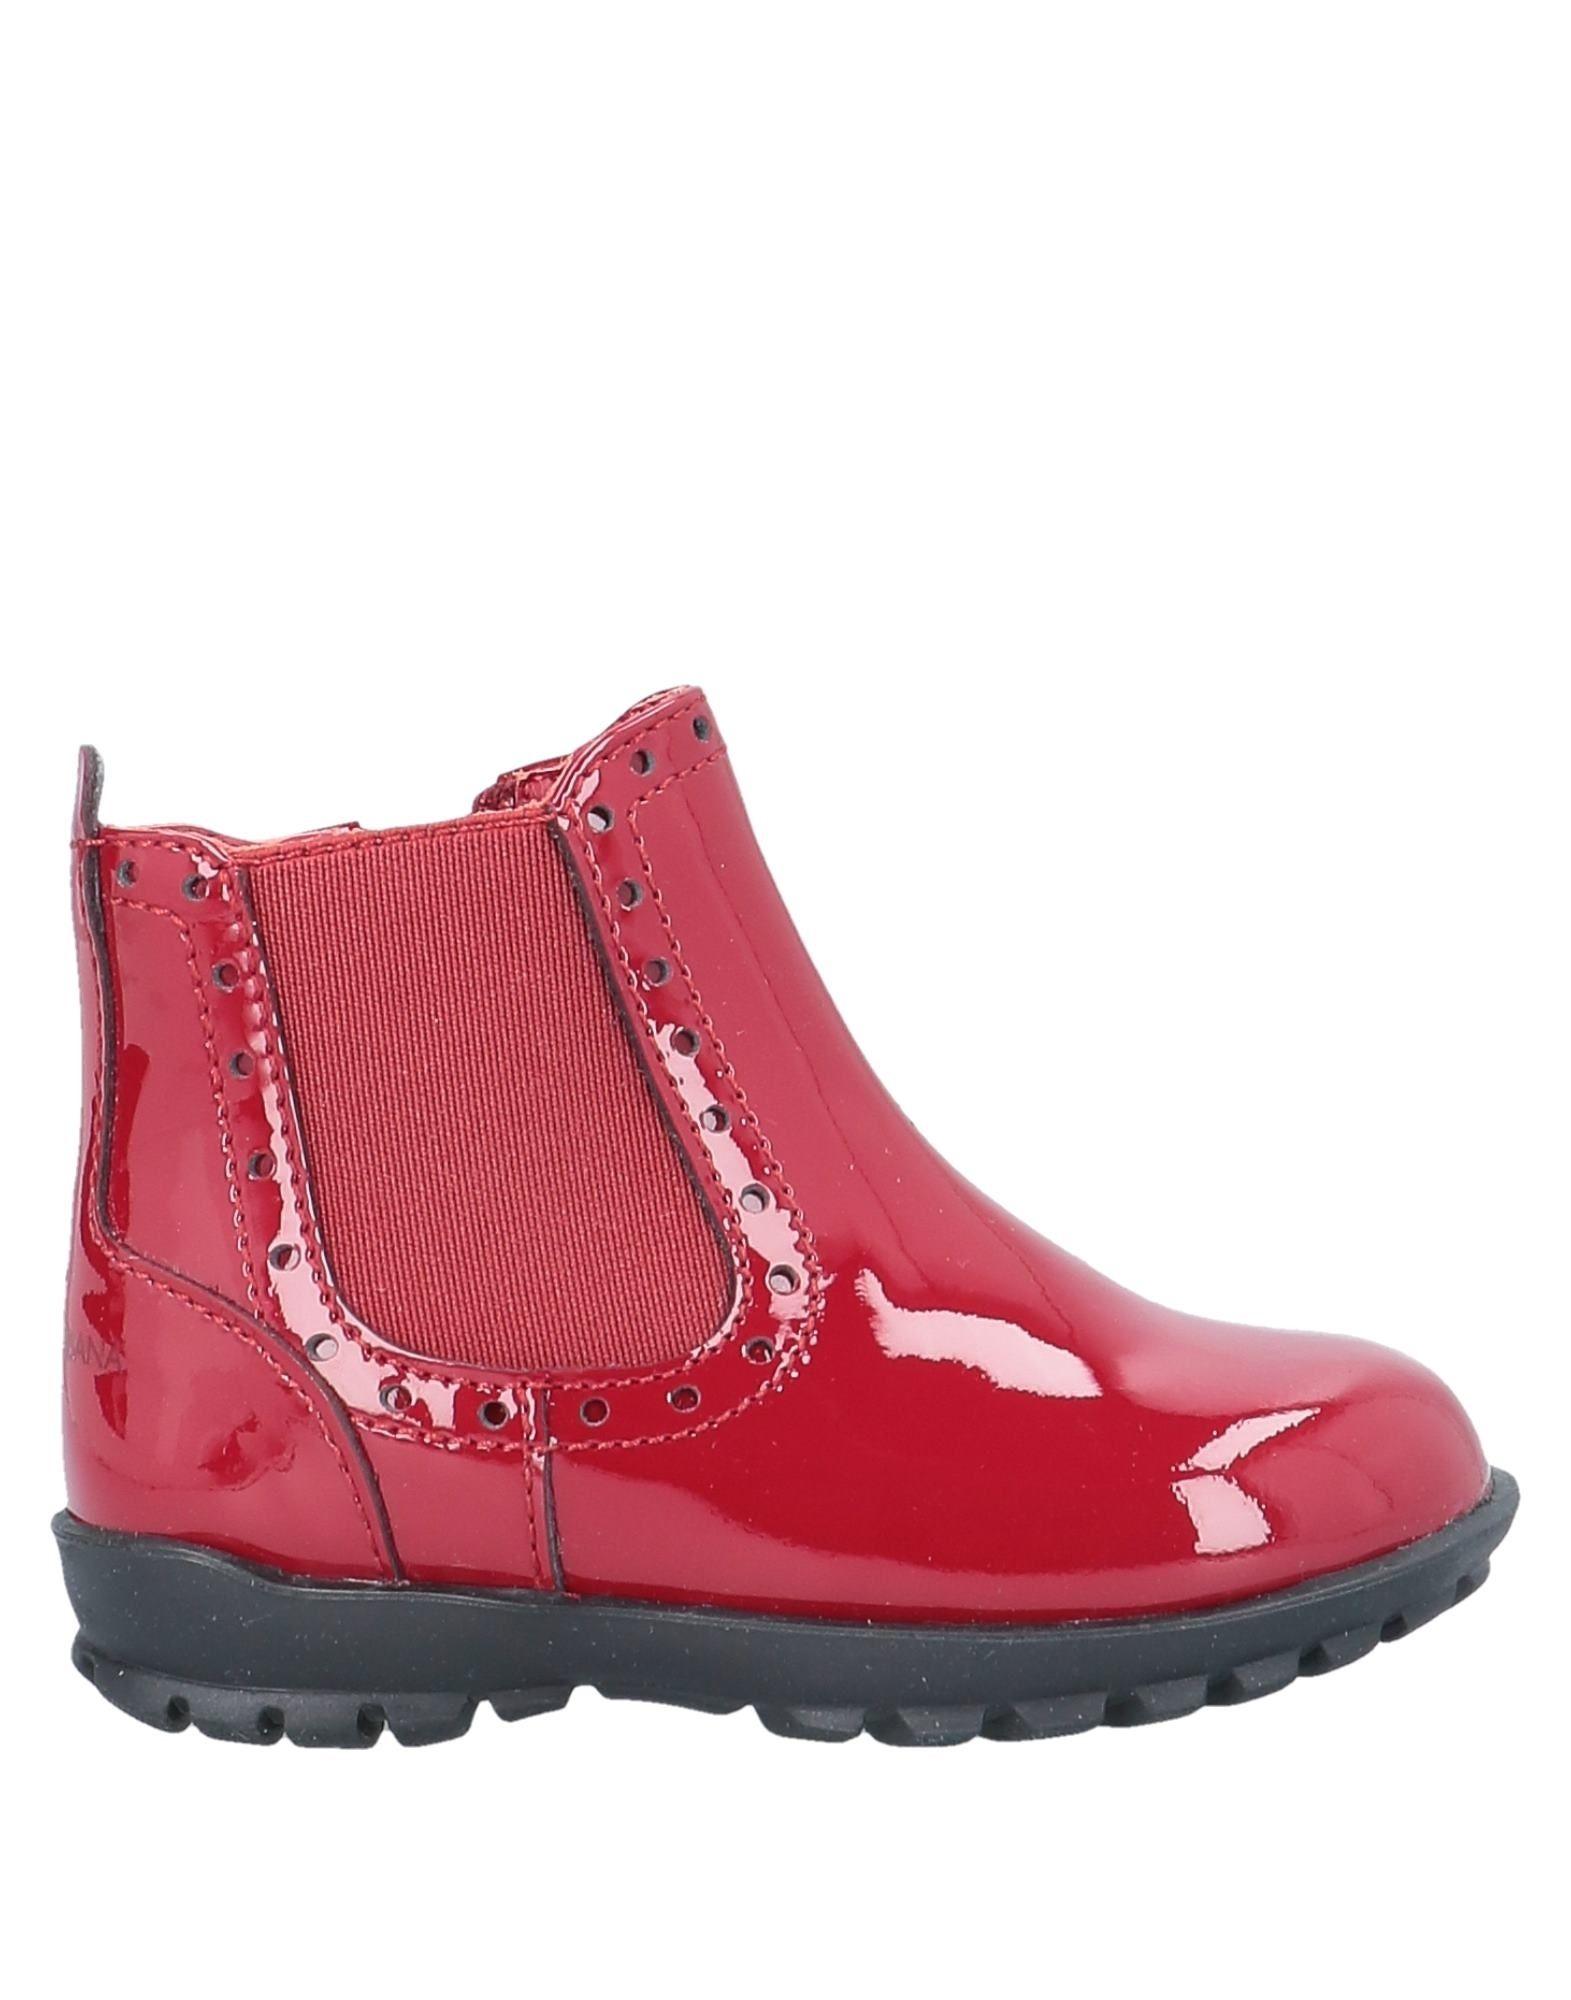 DOLCE & GABBANA   DOLCE & GABBANA Ankle Boots 11718440   Goxip